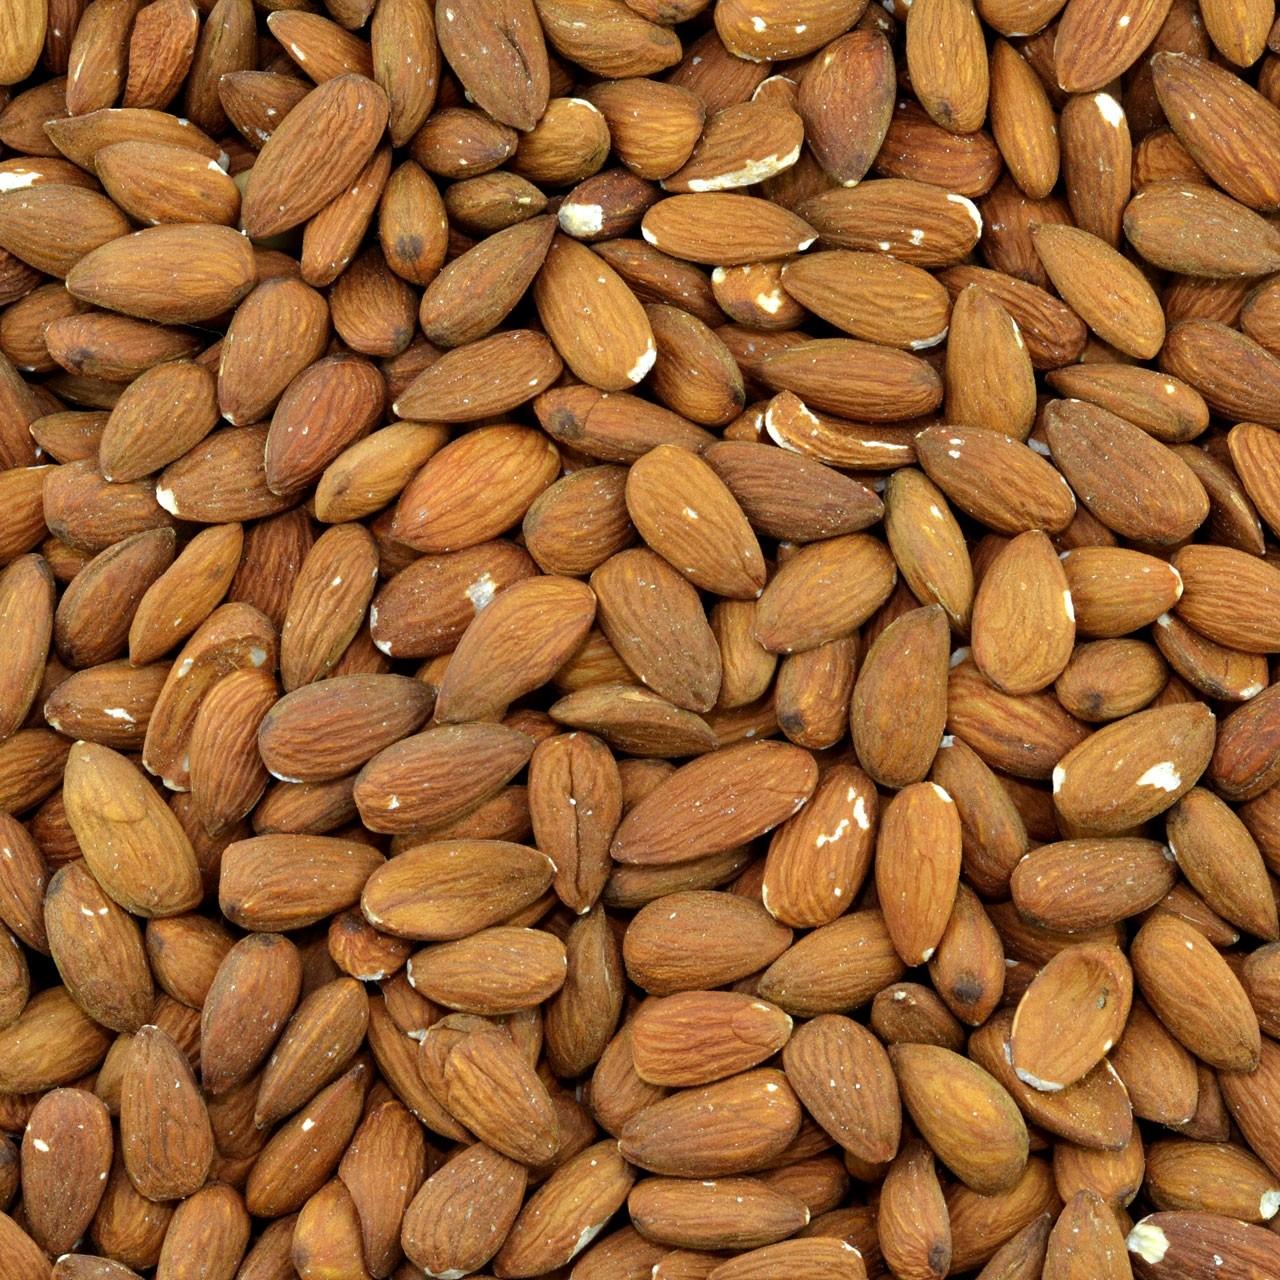 Bruine amandelen (gebakken)